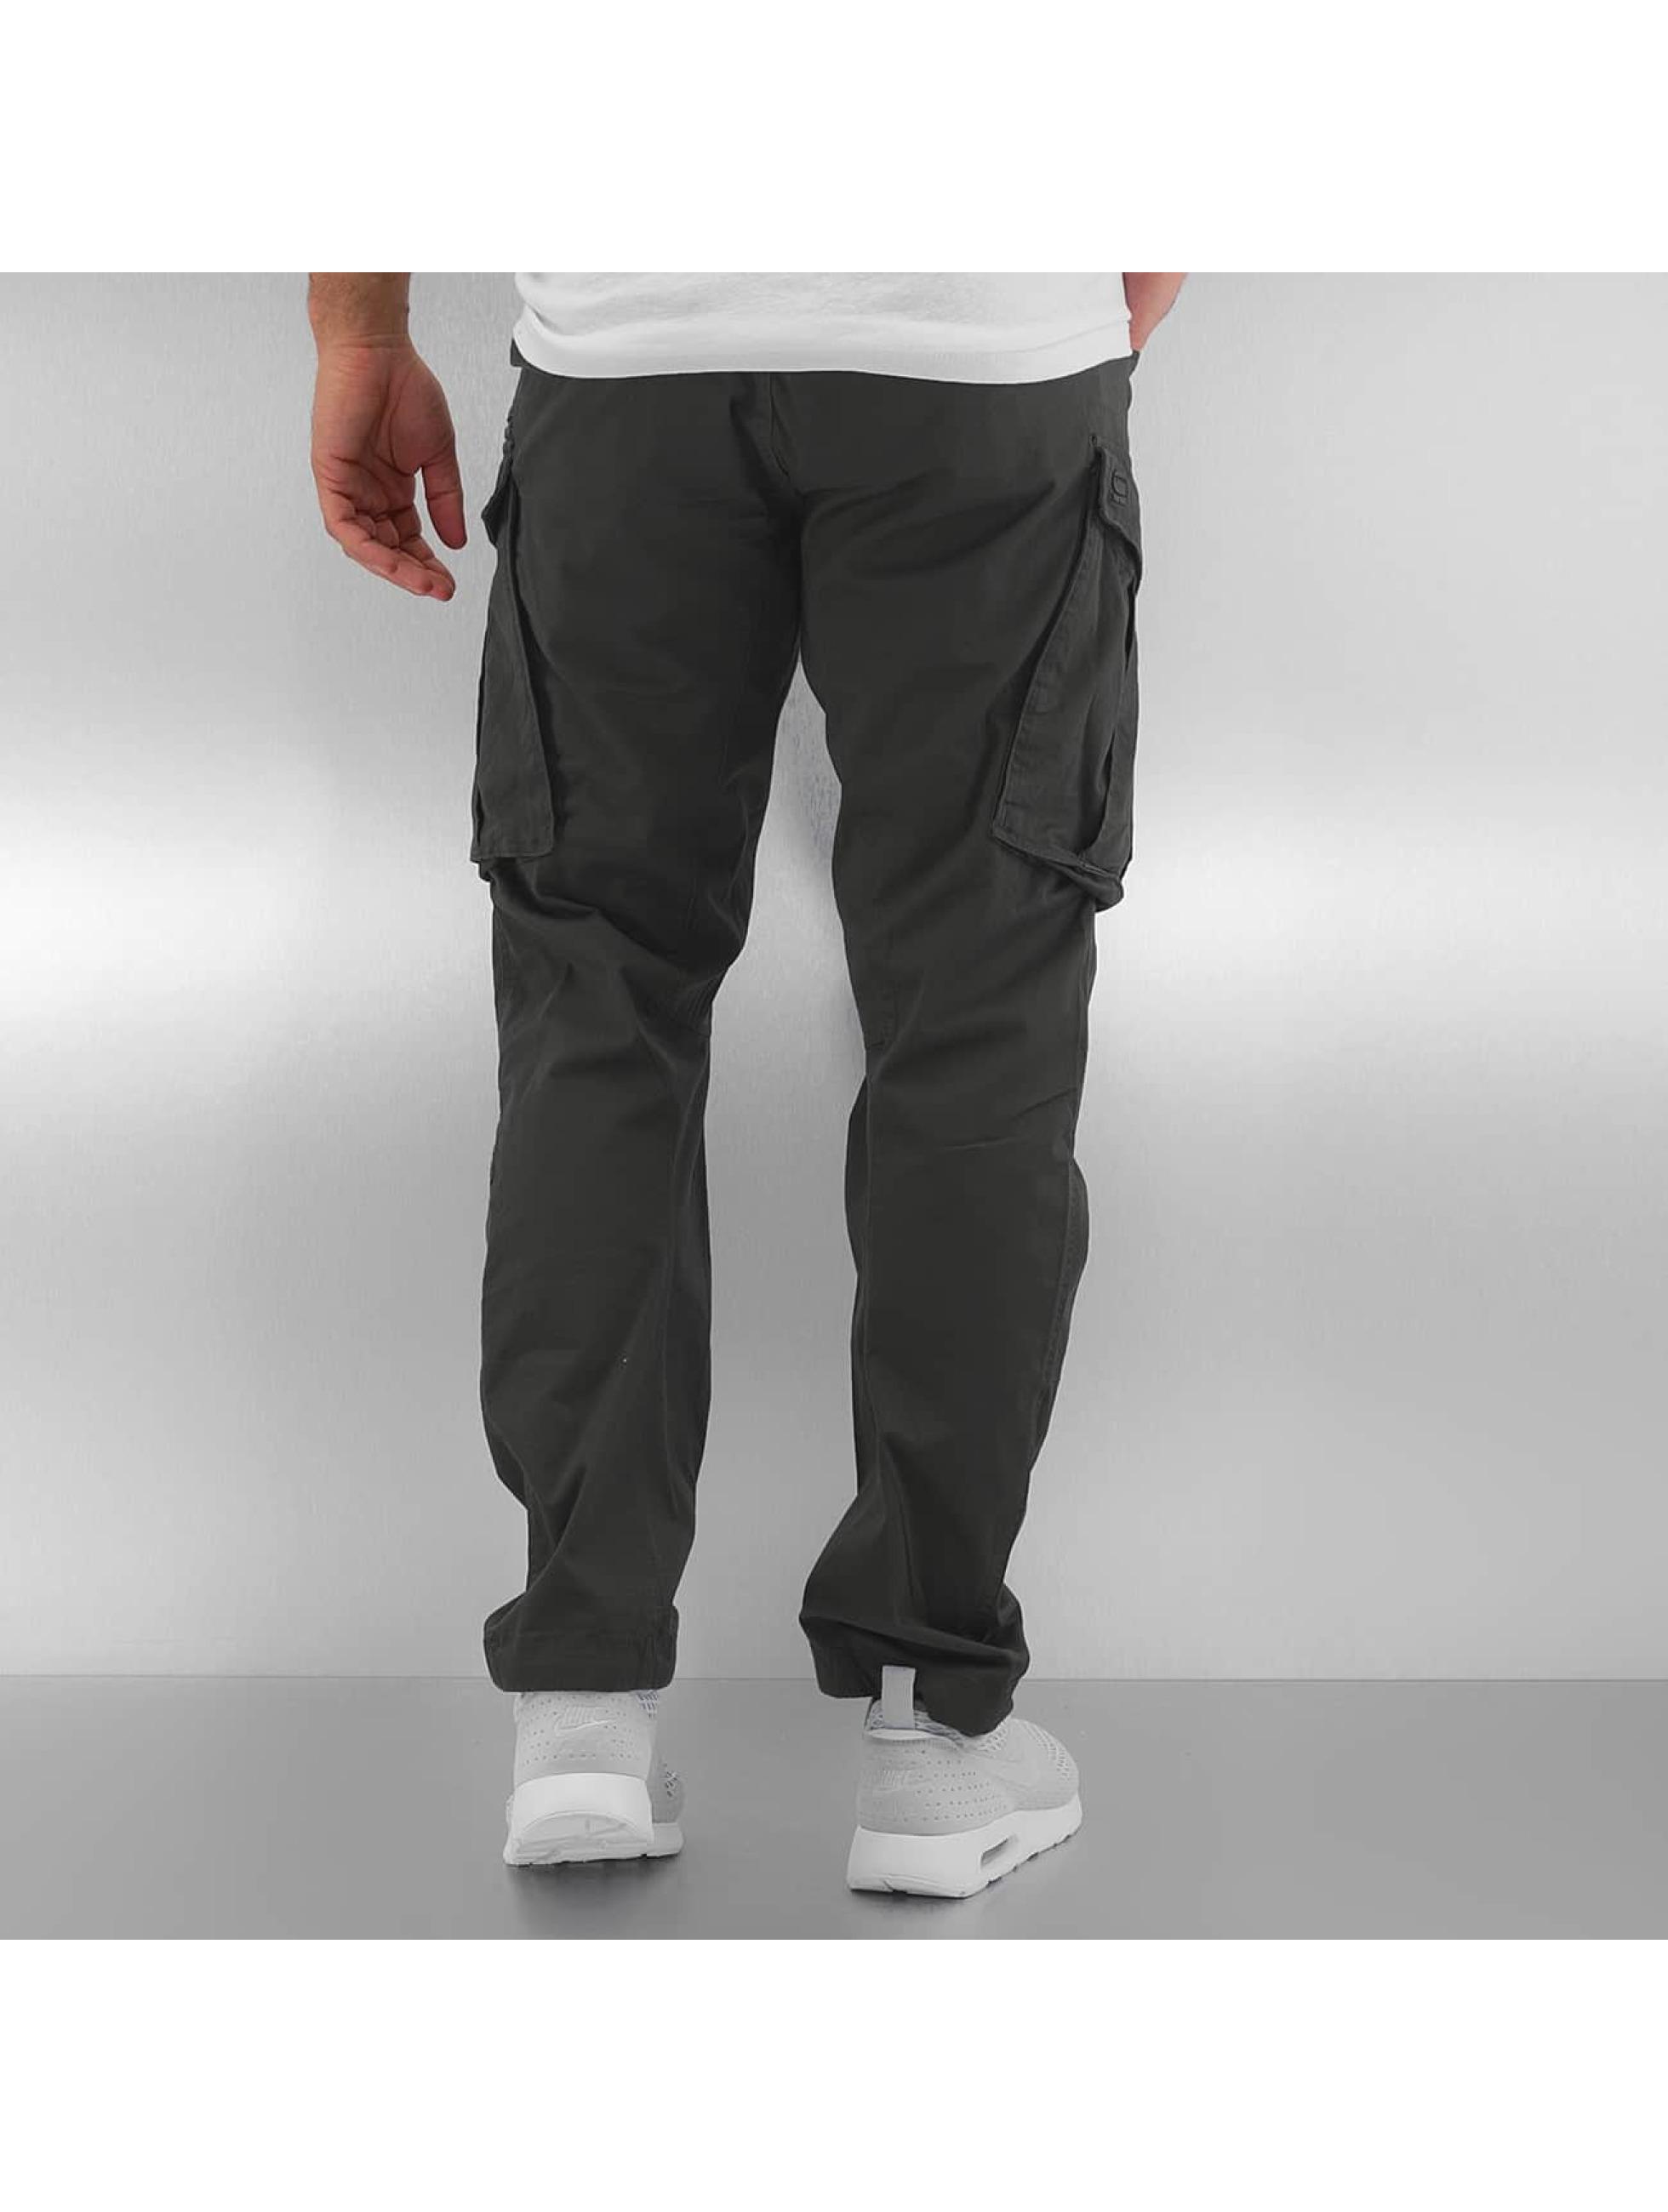 G-Star Reisitaskuhousut Rovic Zip 3D Tapered harmaa